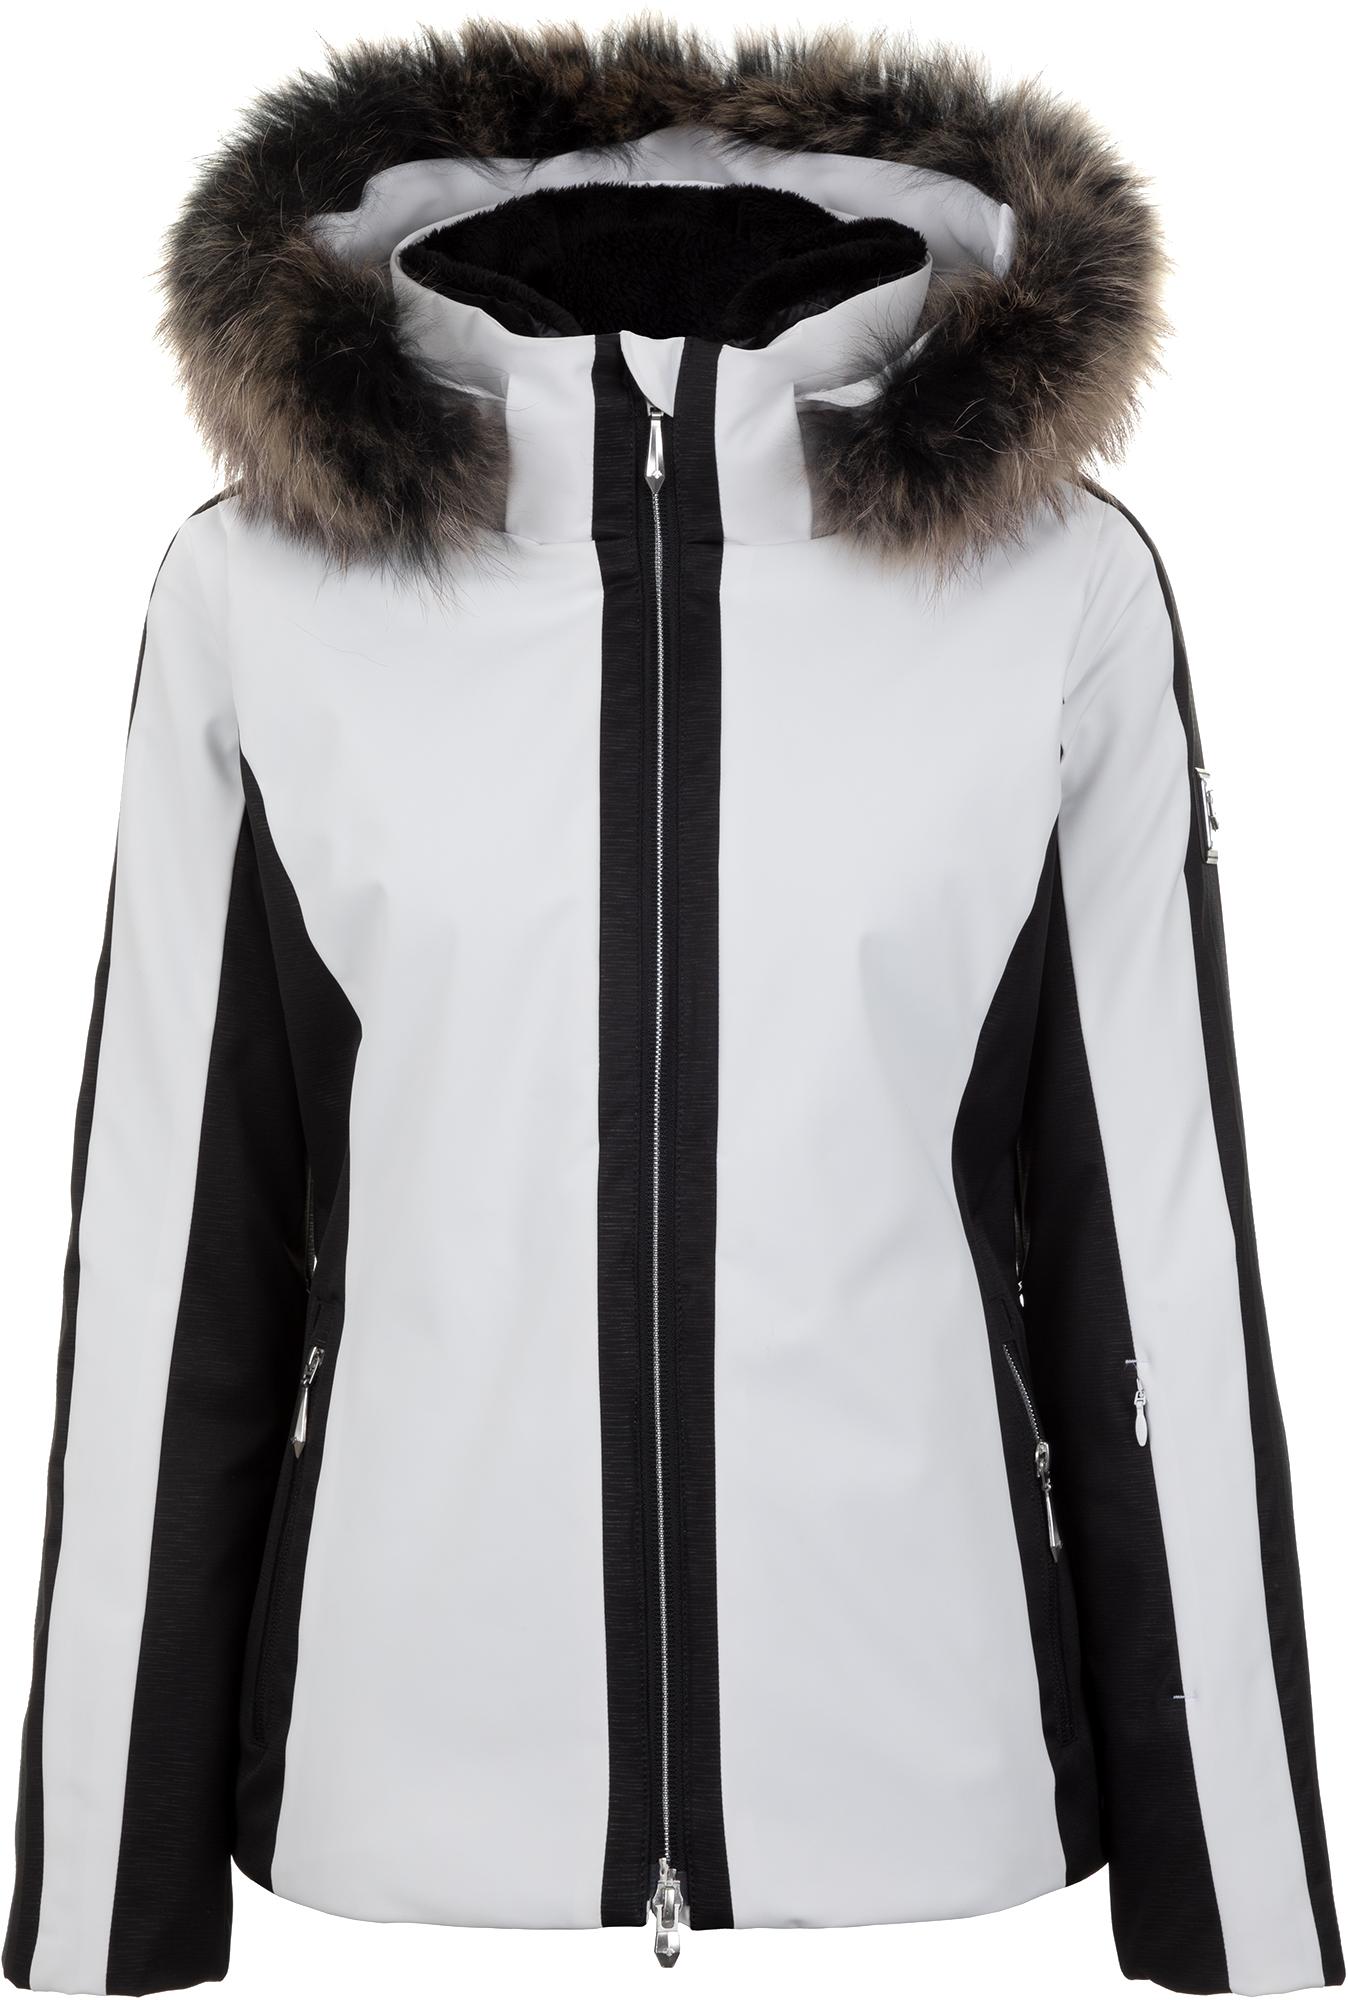 цена Descente Куртка утепленная женская Descente Gianna, размер 44 онлайн в 2017 году